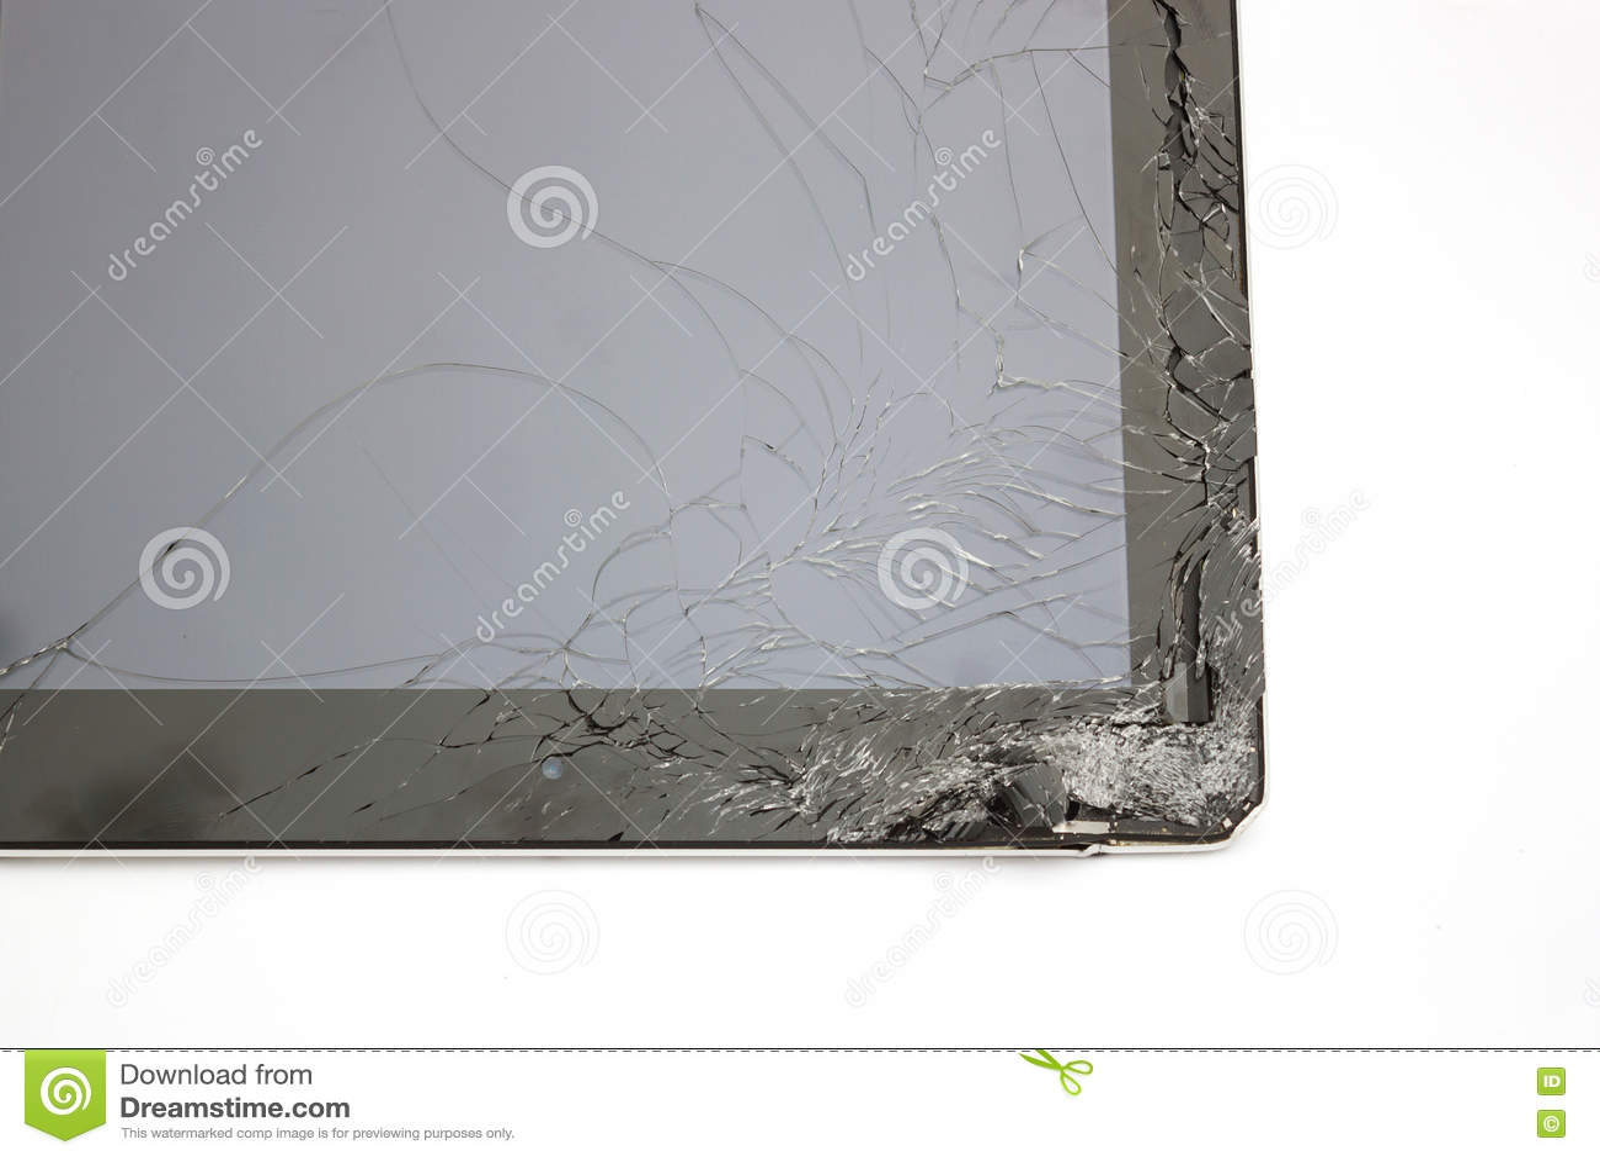 Tela táctil quebrado close up da tabuleta